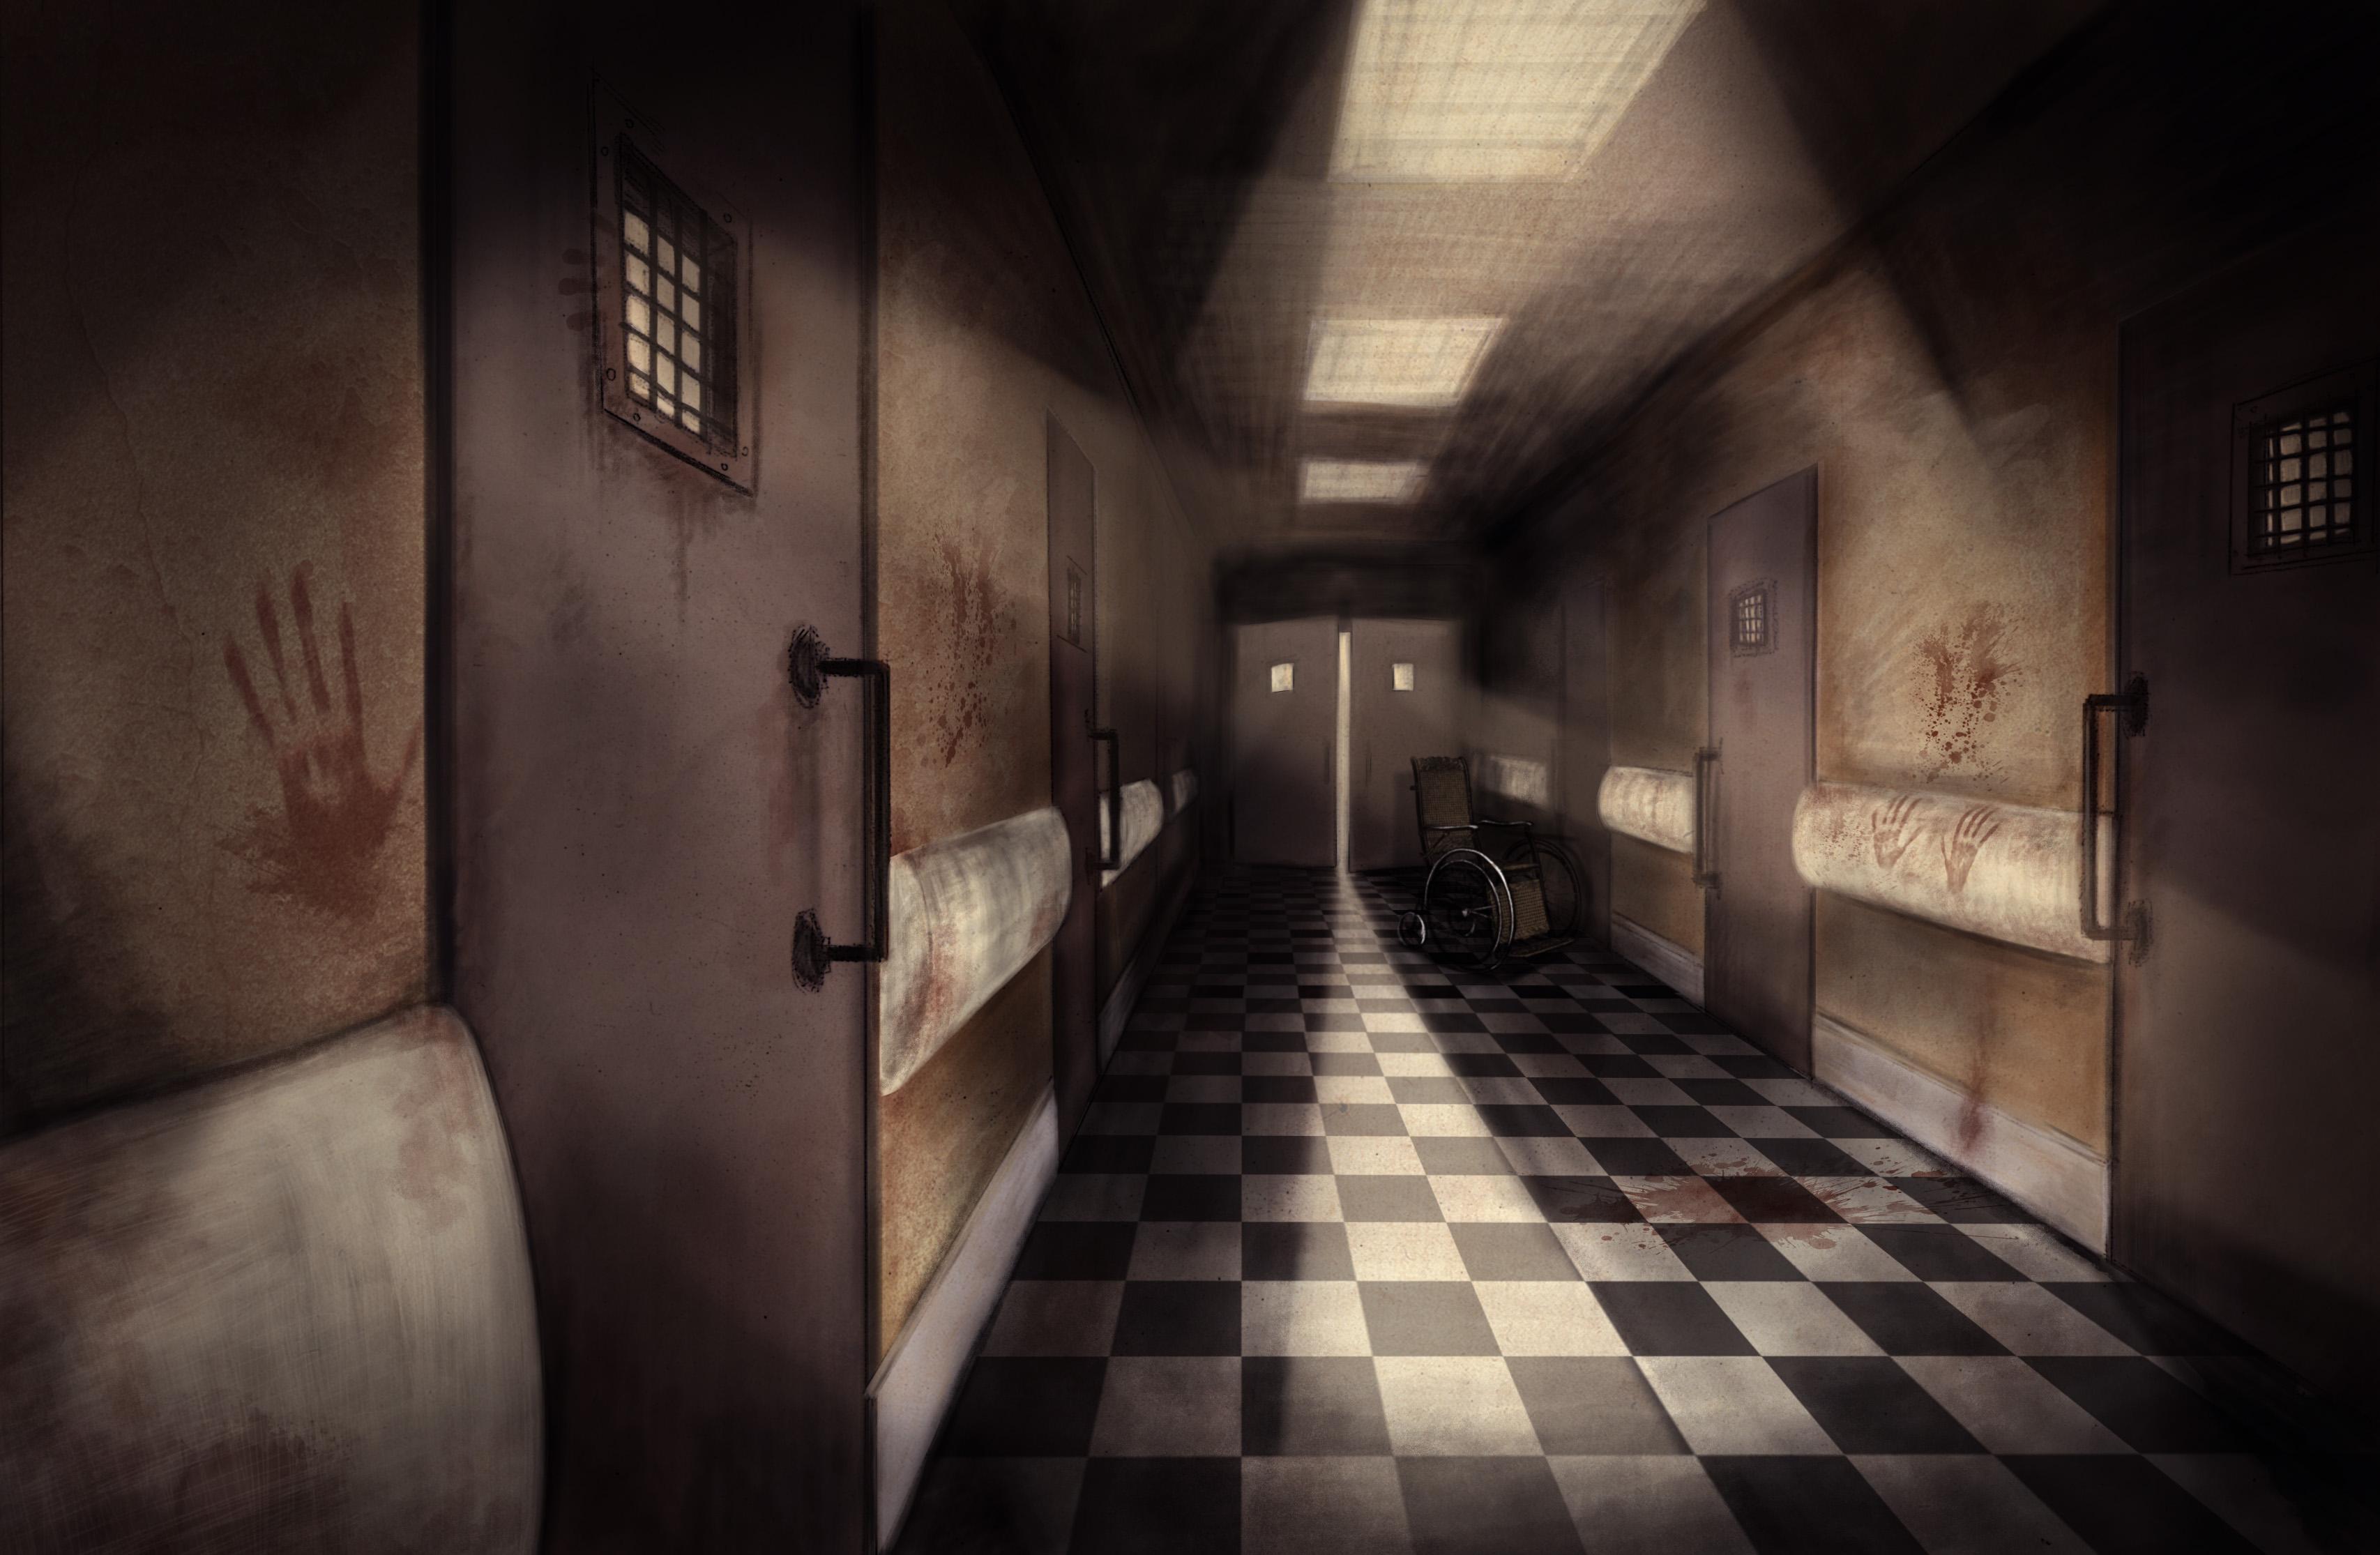 Ryhdderch-hallway